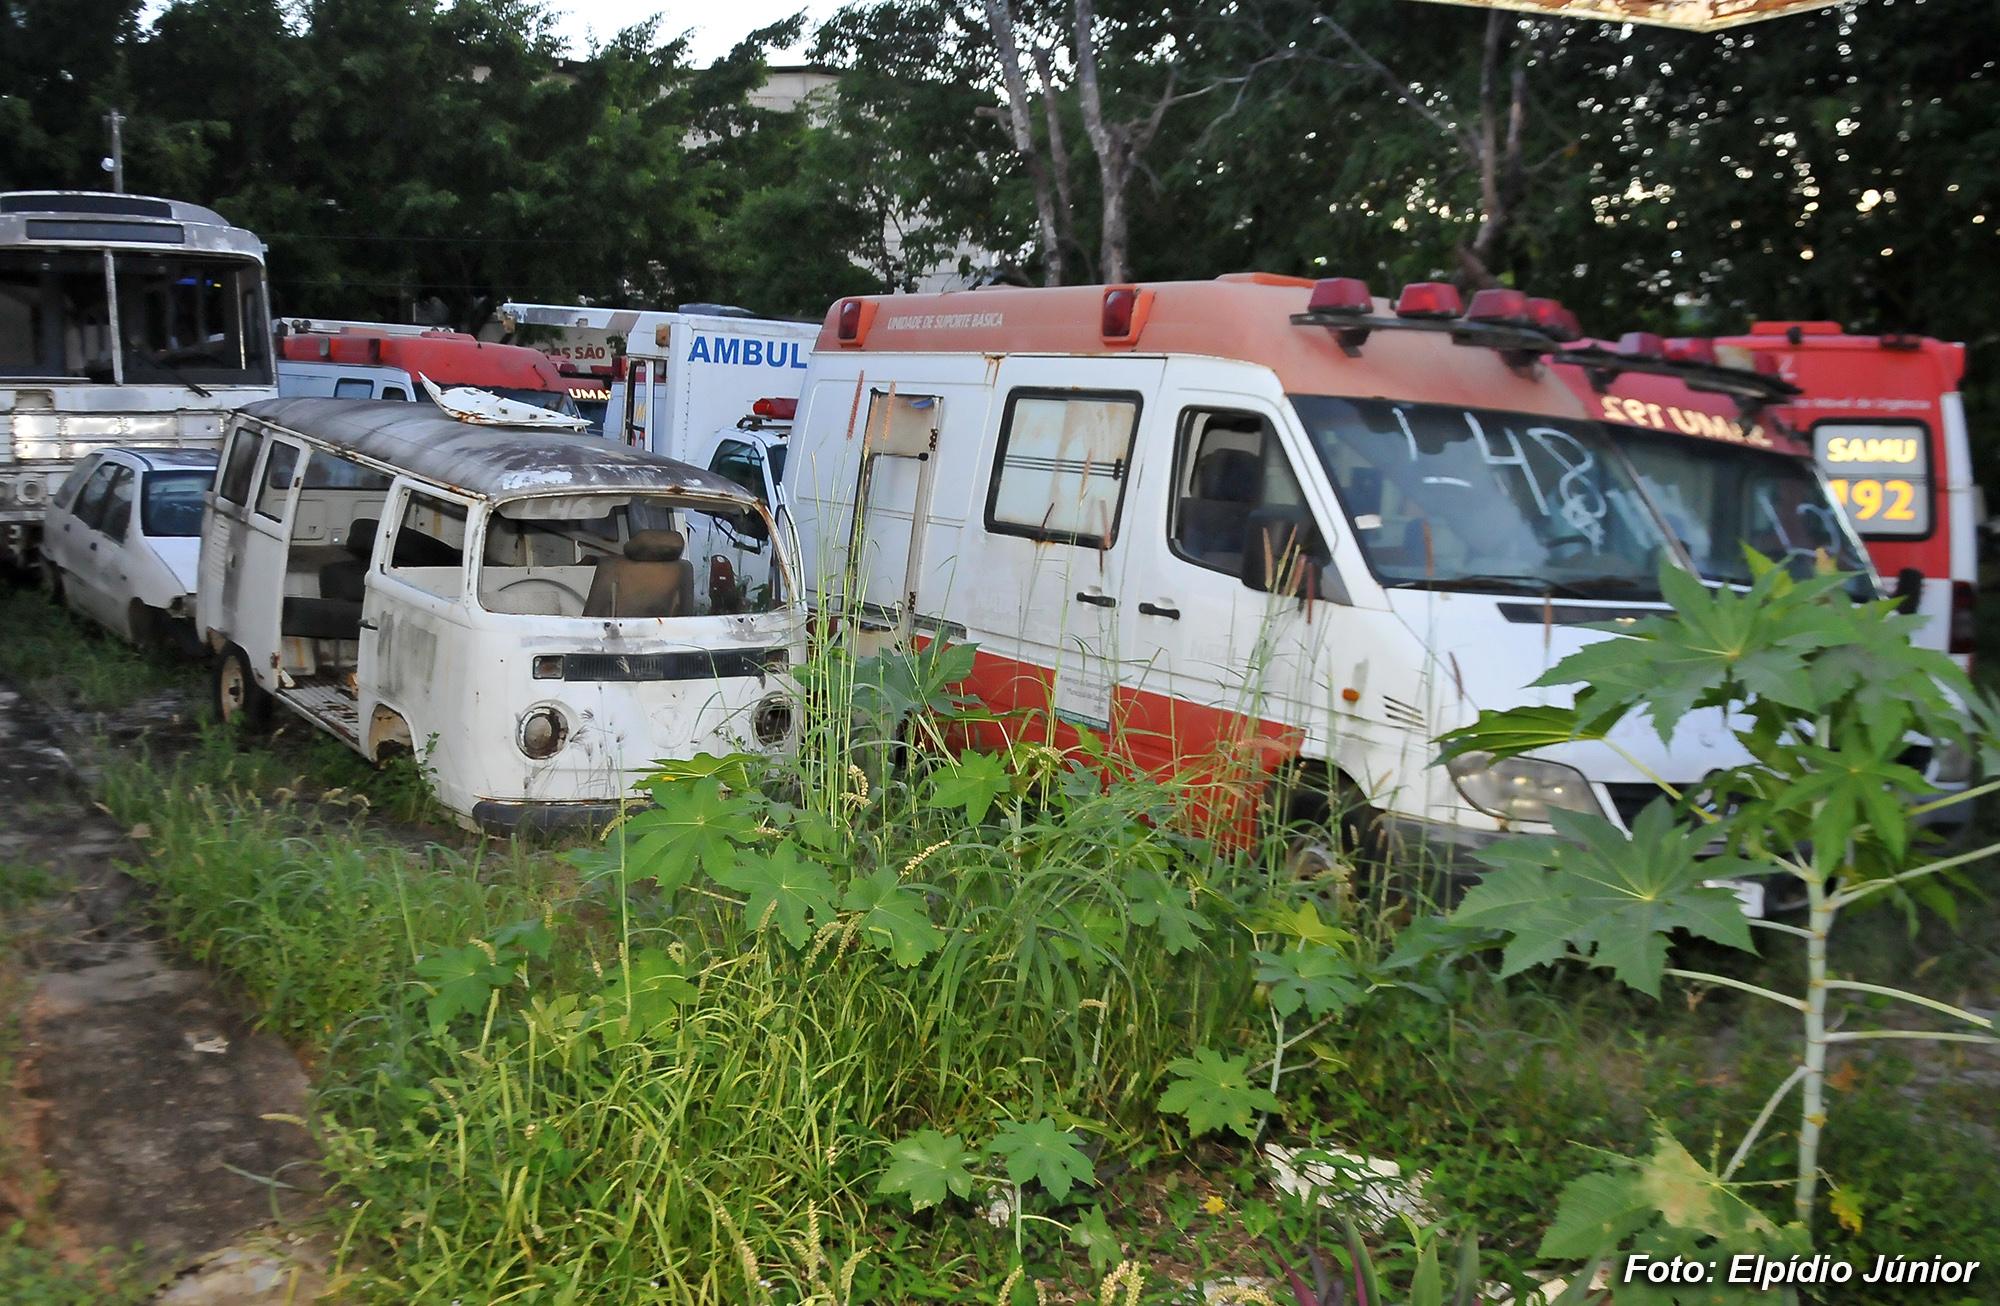 Comissão de Saúde da Câmara de Natal encontra cemitério de ambulâncias em Dix-Sept Rosado